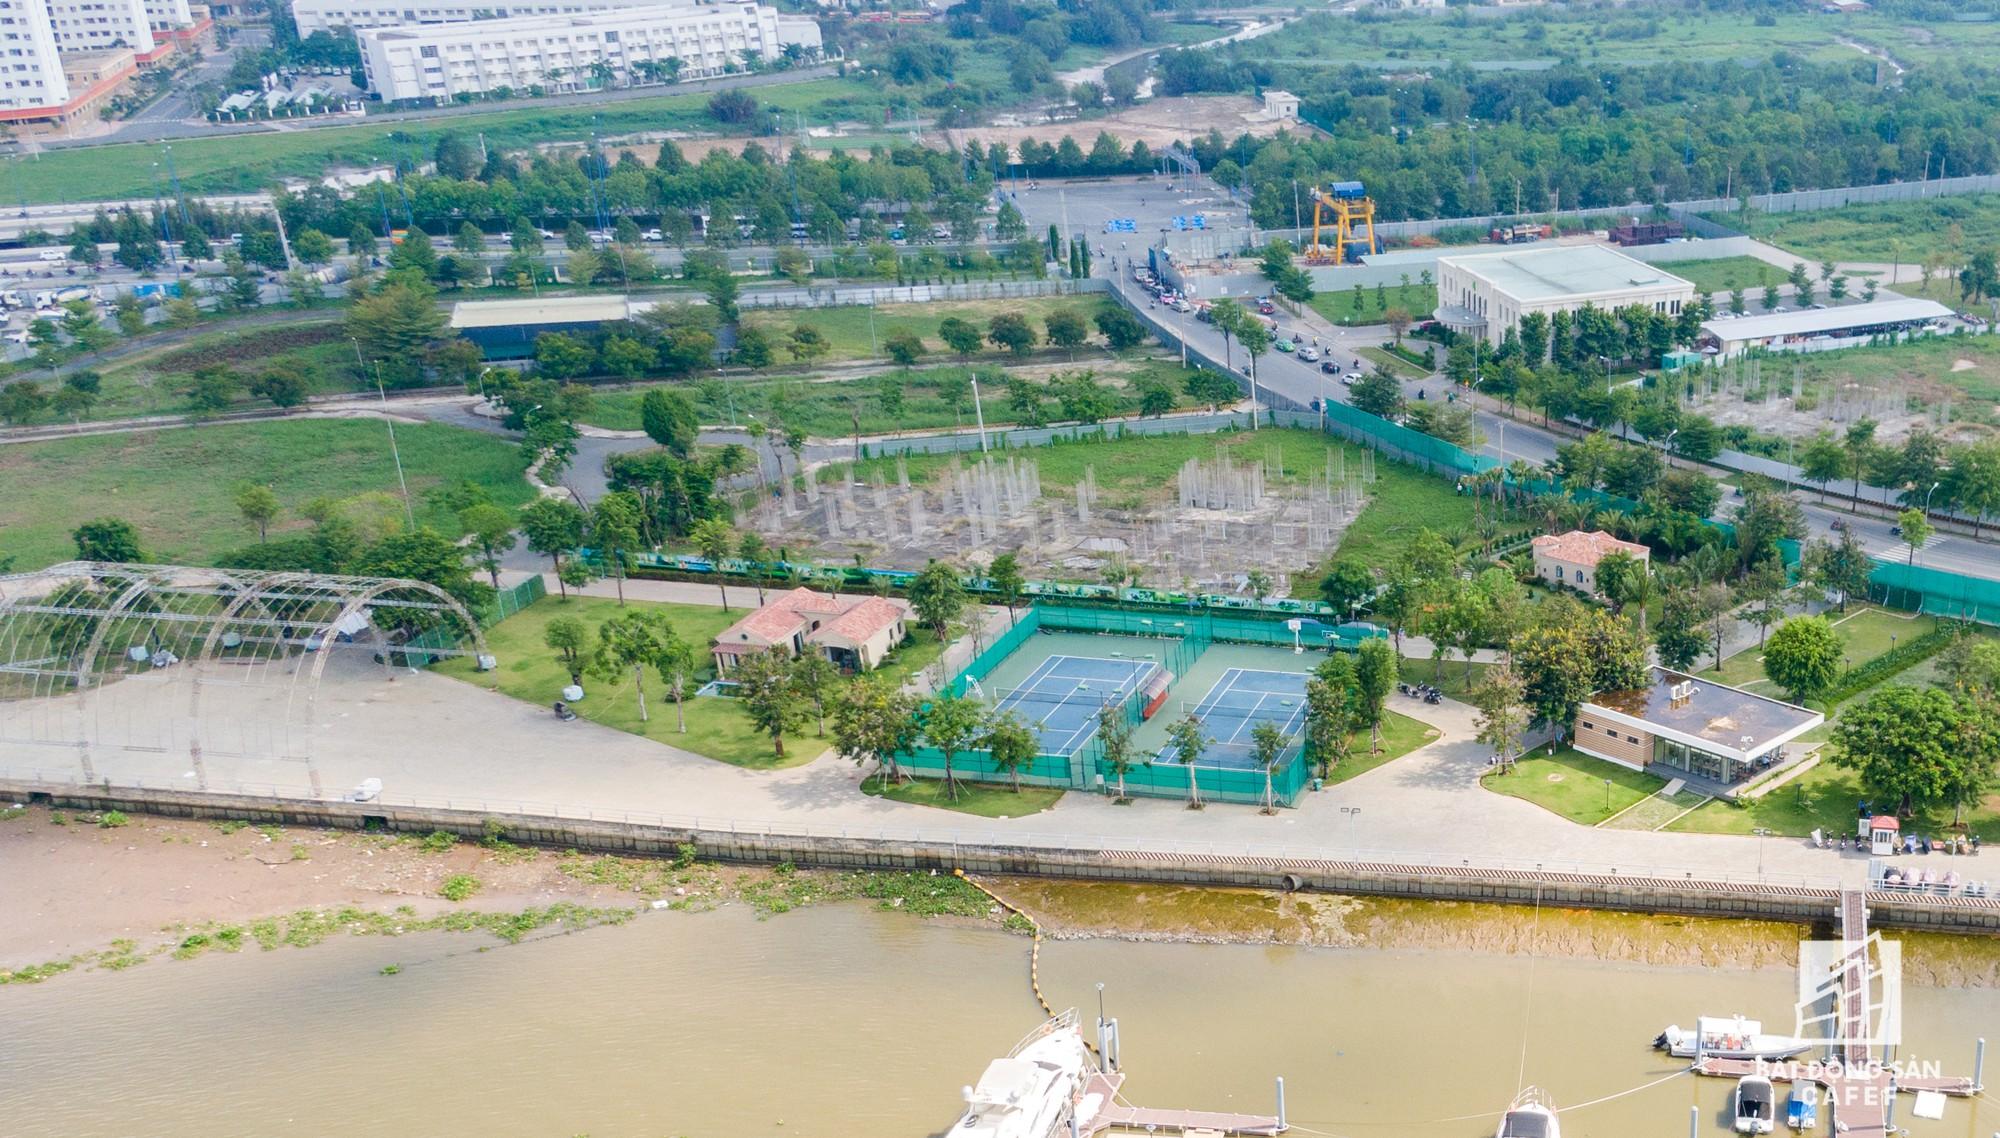 Toàn cảnh tiến độ các dự án của Novaland năm 2019 tại TP.HCM, Vũng Tàu, Phan Thiết và Cam Ranh - Ảnh 9.